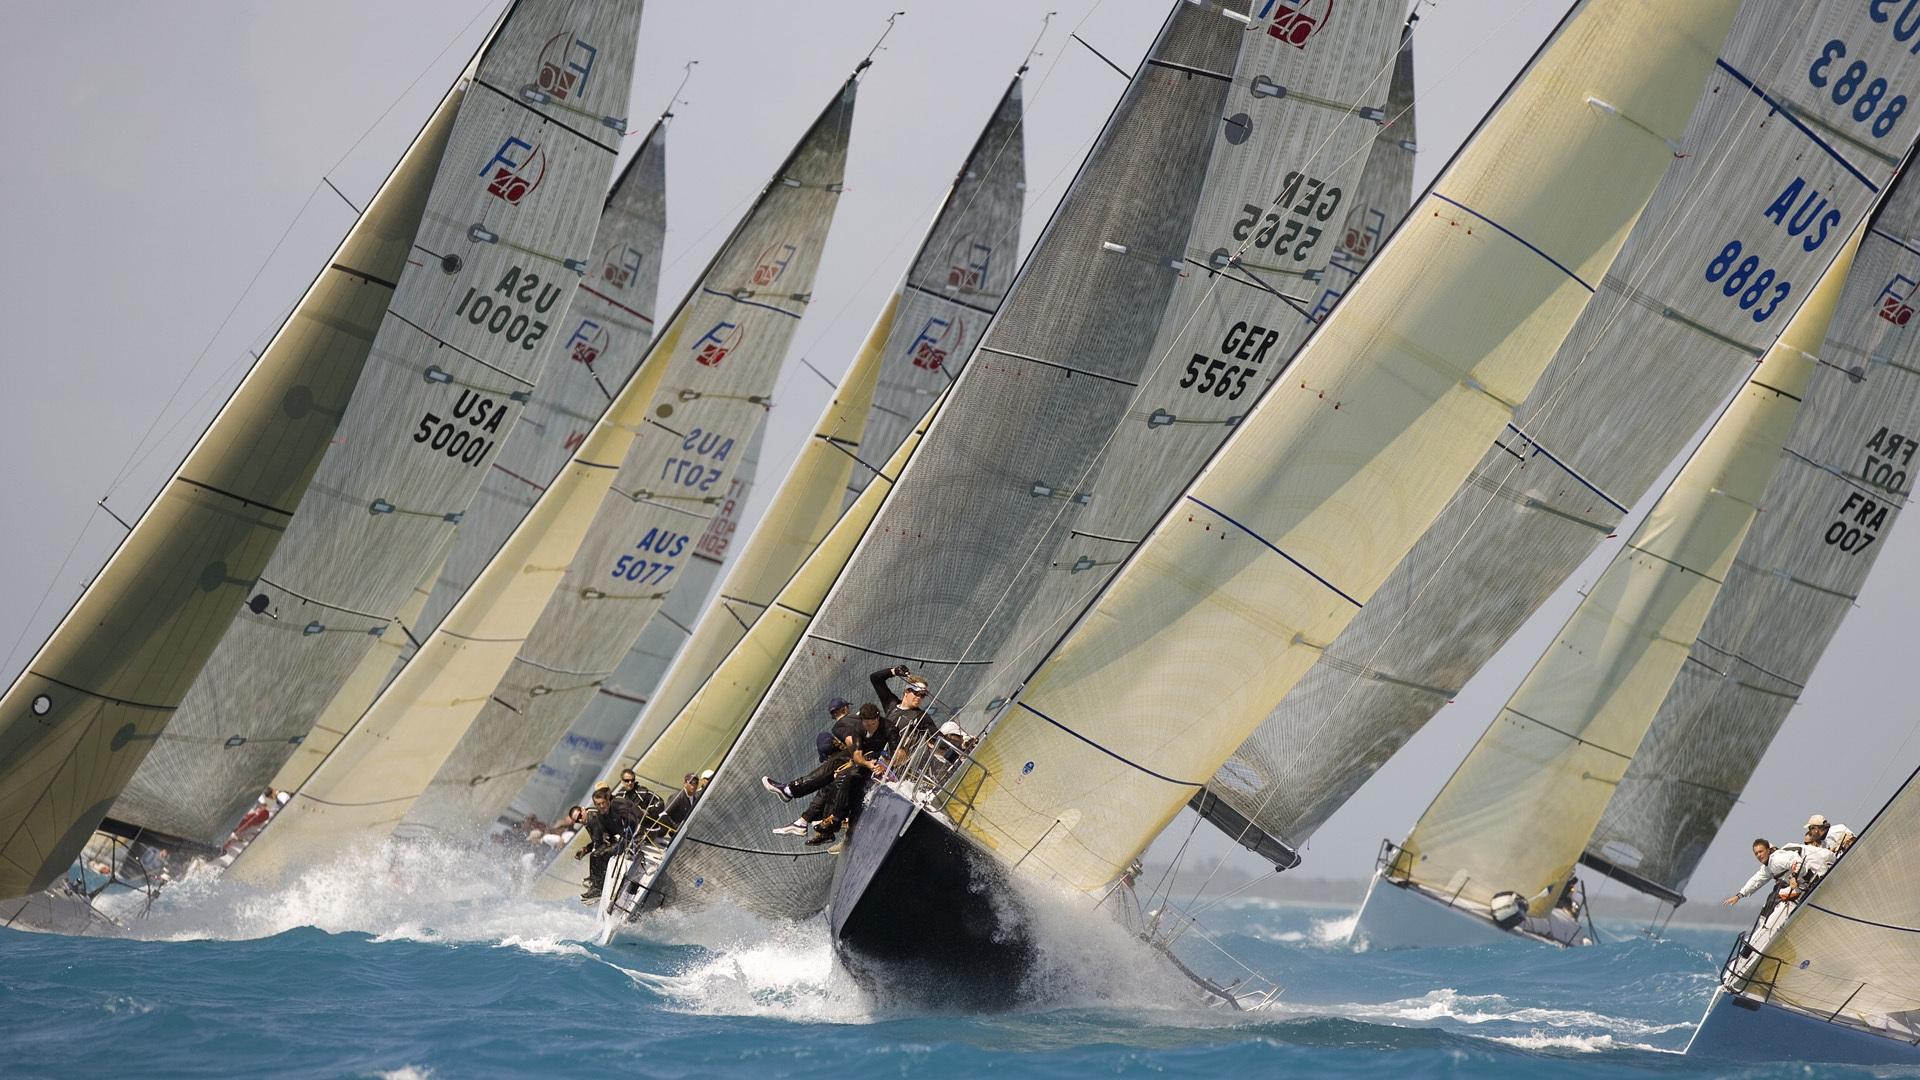 Fond d 39 cran des sports navire bateau voile - Photo de voilier gratuite ...